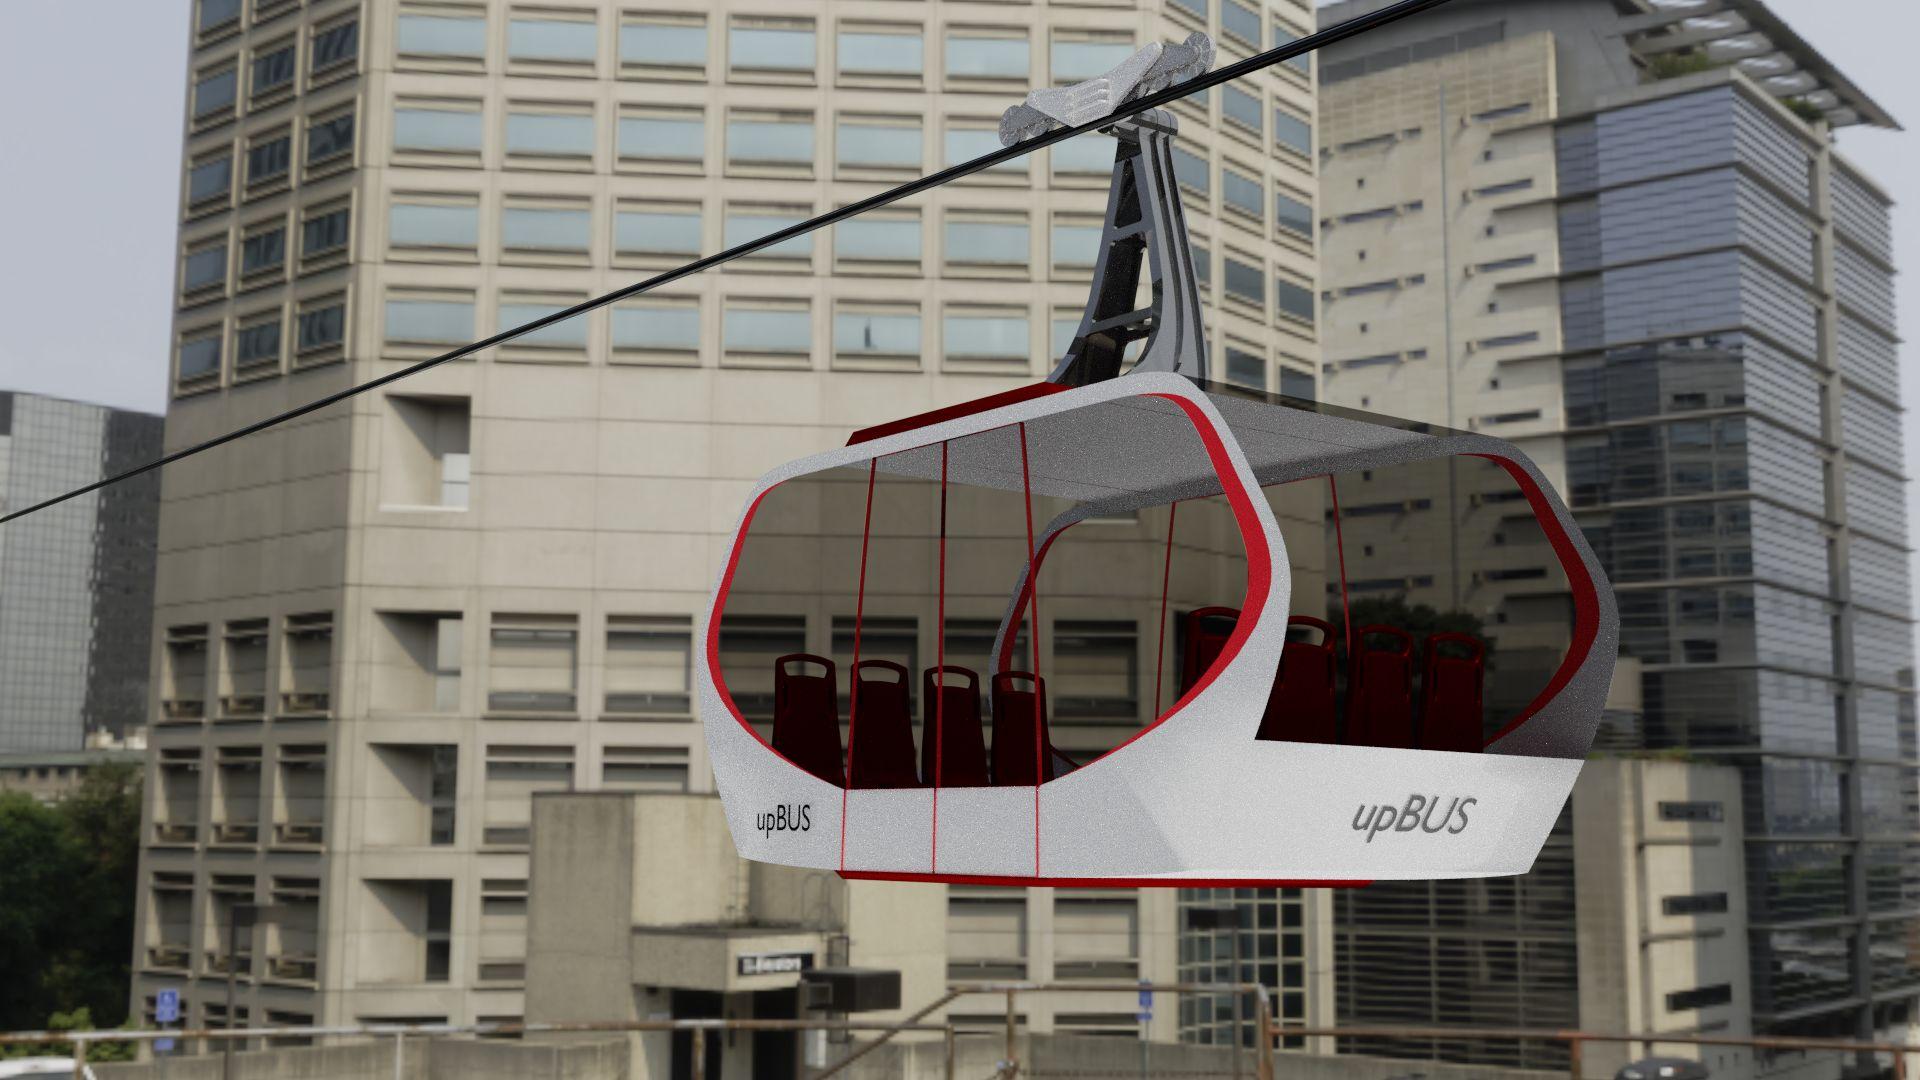 Upbus: Ein E-Bus, der fährt und schwebt - Seilbahnen gelten als sehr sicher. (Bild: RWTH)